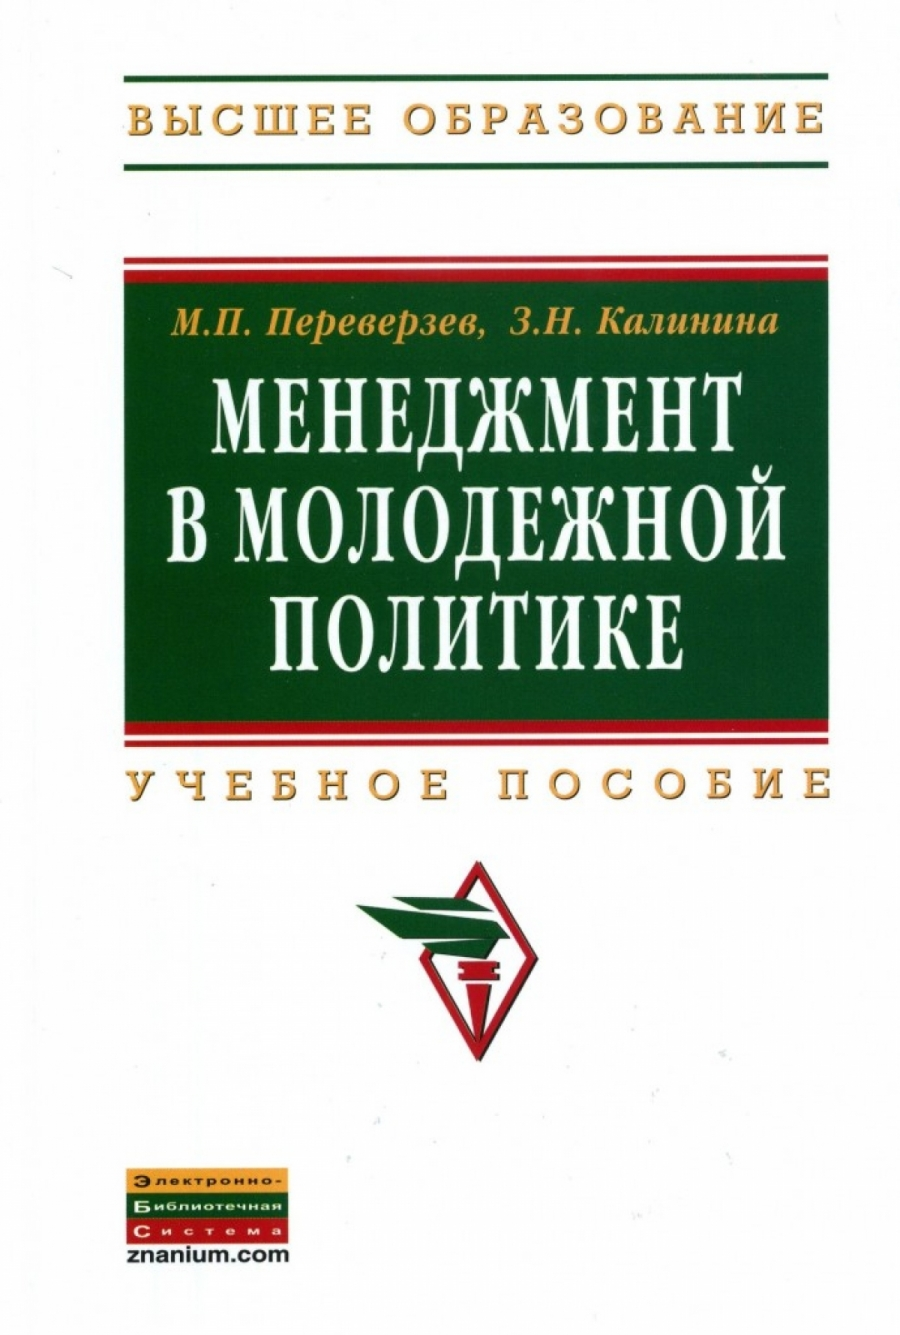 Обложка книги:  стерлигова а.н., фель а.в. - операционный (производственный) менеджмент.